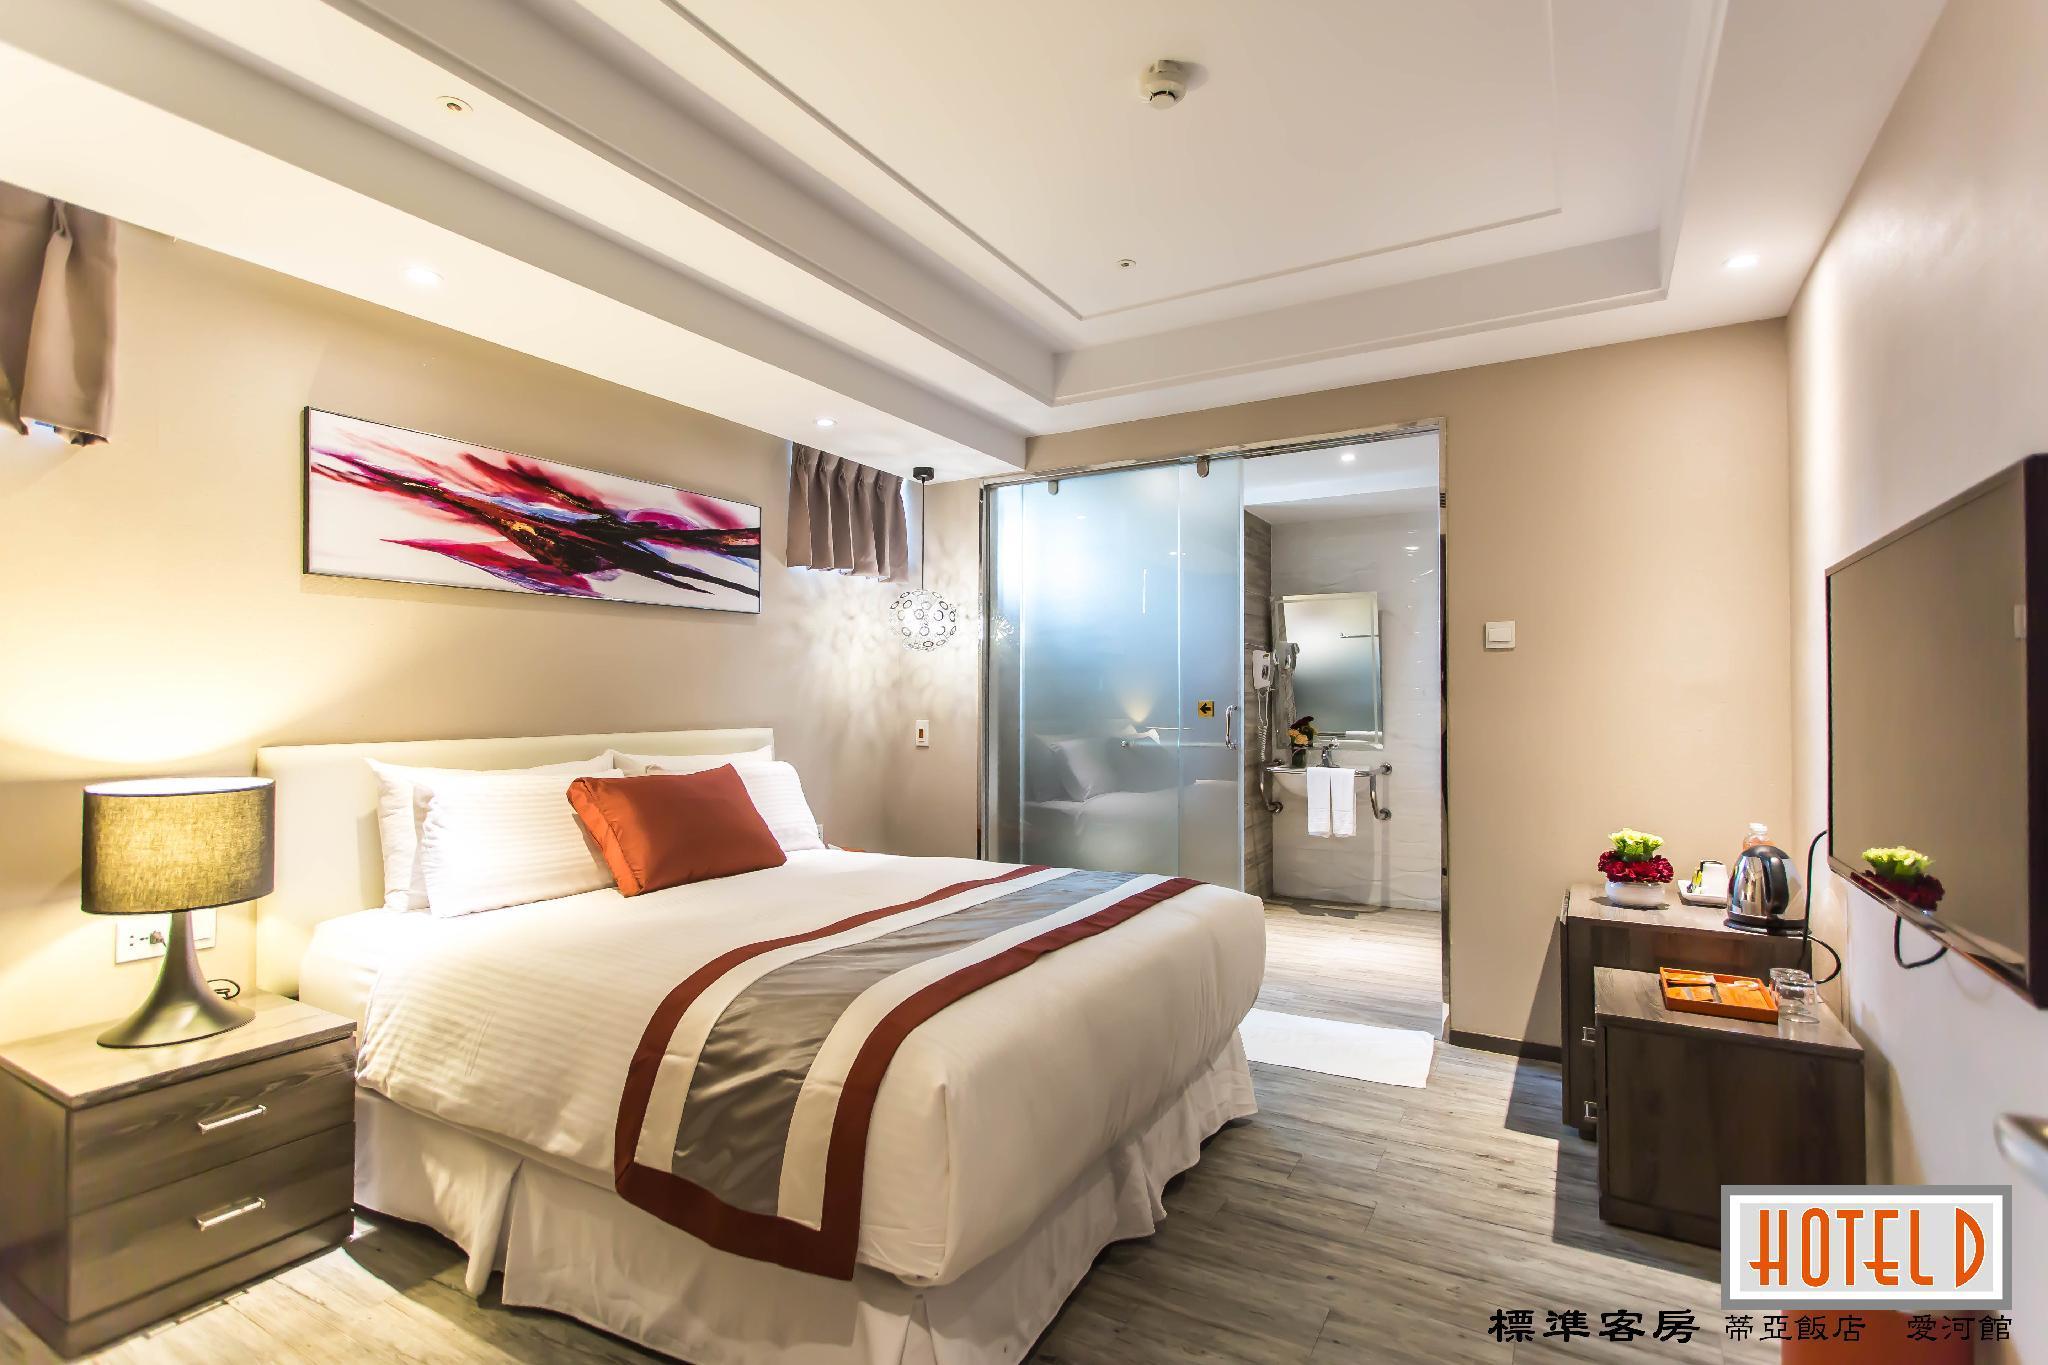 背景墙 房间 家居 起居室 设计 卧室 卧室装修 现代 装修 5760_3840